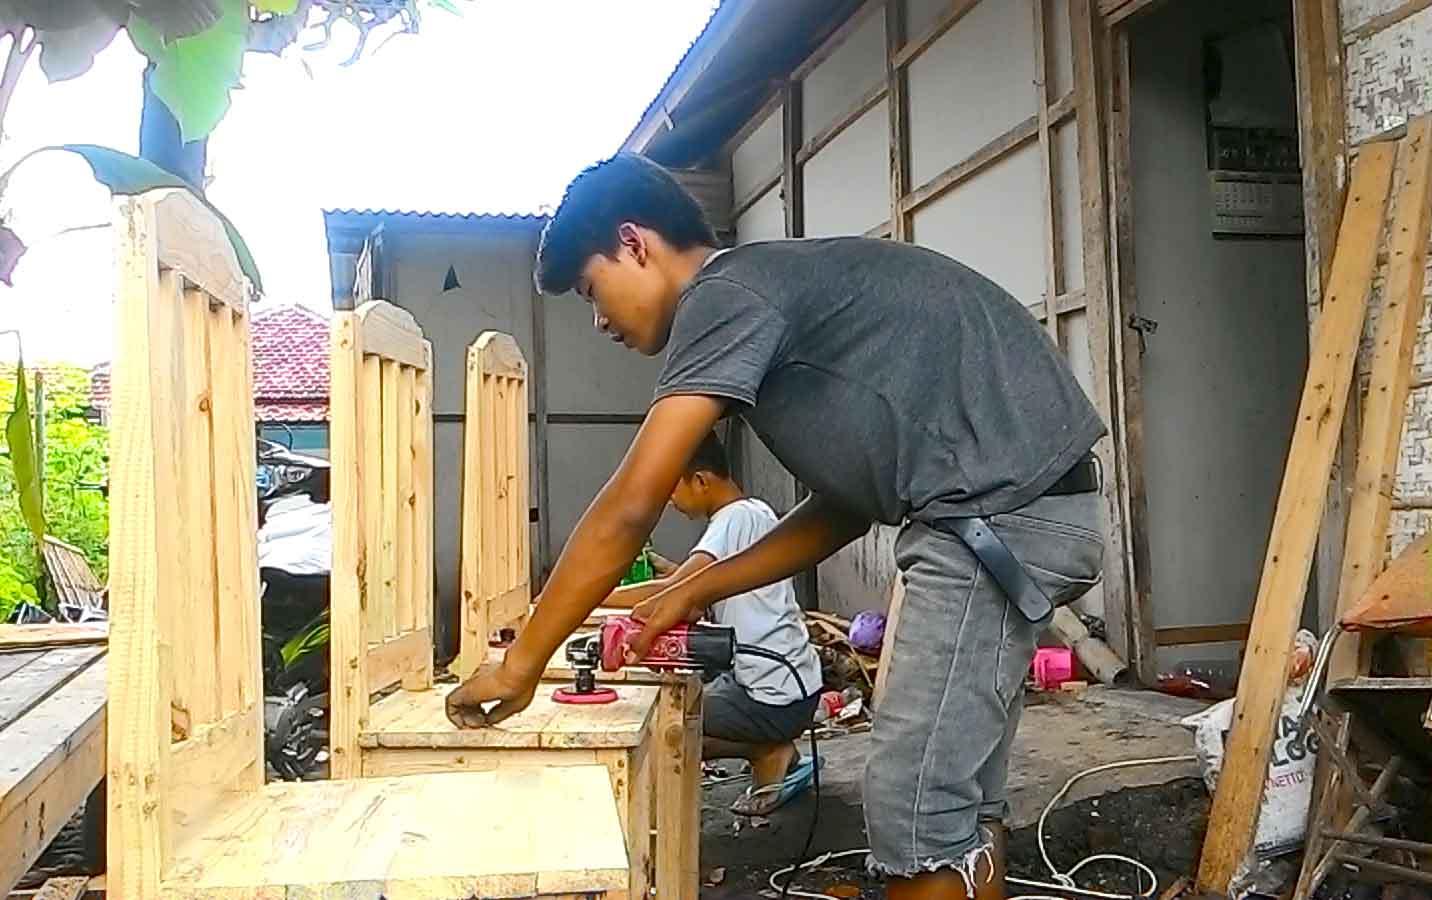 1 Set Meja Makan Kayu Jati Belanda Di Desa Jepang Ini Hanya Dijual Kursi Harga Dari